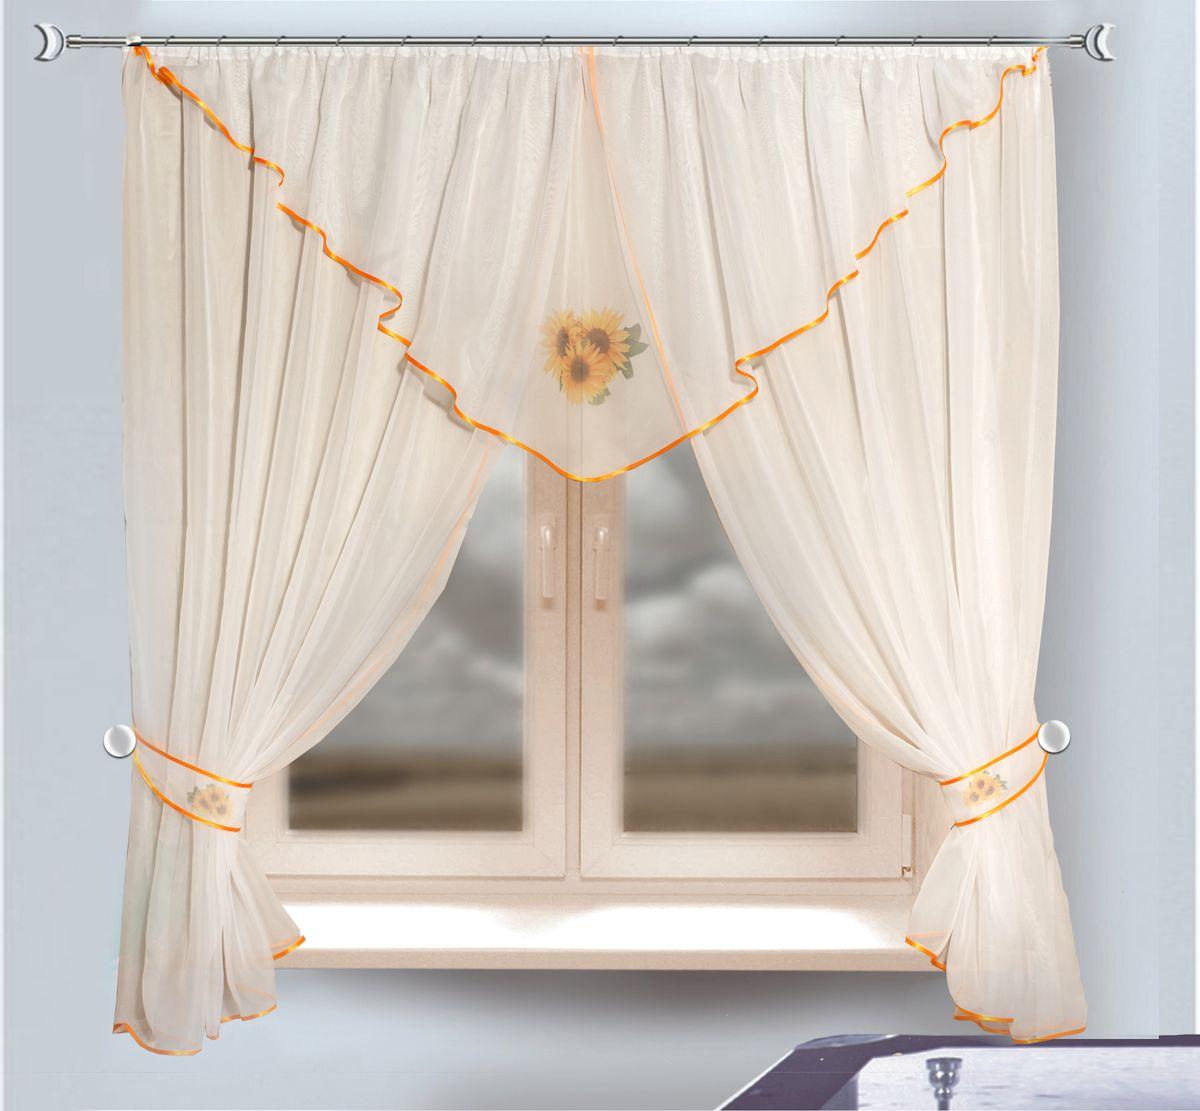 Комплект штор для кухни Zlata Korunka, на ленте, цвет: белый, высота 170 см. 333340333340Комплект штор для кухни Zlata Korunka, выполненный из полиэстера, великолепно украсит любое окно. Комплект состоит из ламбрекена, двух штор и двух подхватов. Принт с подсолнухам и приятная цветовая гамма привлекут к себе внимание и органично впишутся в интерьер помещения. Этот комплект будет долгое время радовать вас и вашу семью! Комплект крепится на карниз при помощи ленты, которая поможет красиво и равномерно задрапировать верх. В комплект входит: Ламбрекен: 1 шт. Размер (Ш х В): 280 х 75 см. Штора: 2 шт. Размер (Ш х В): 140 х 170 см. Подхват: 2 шт.